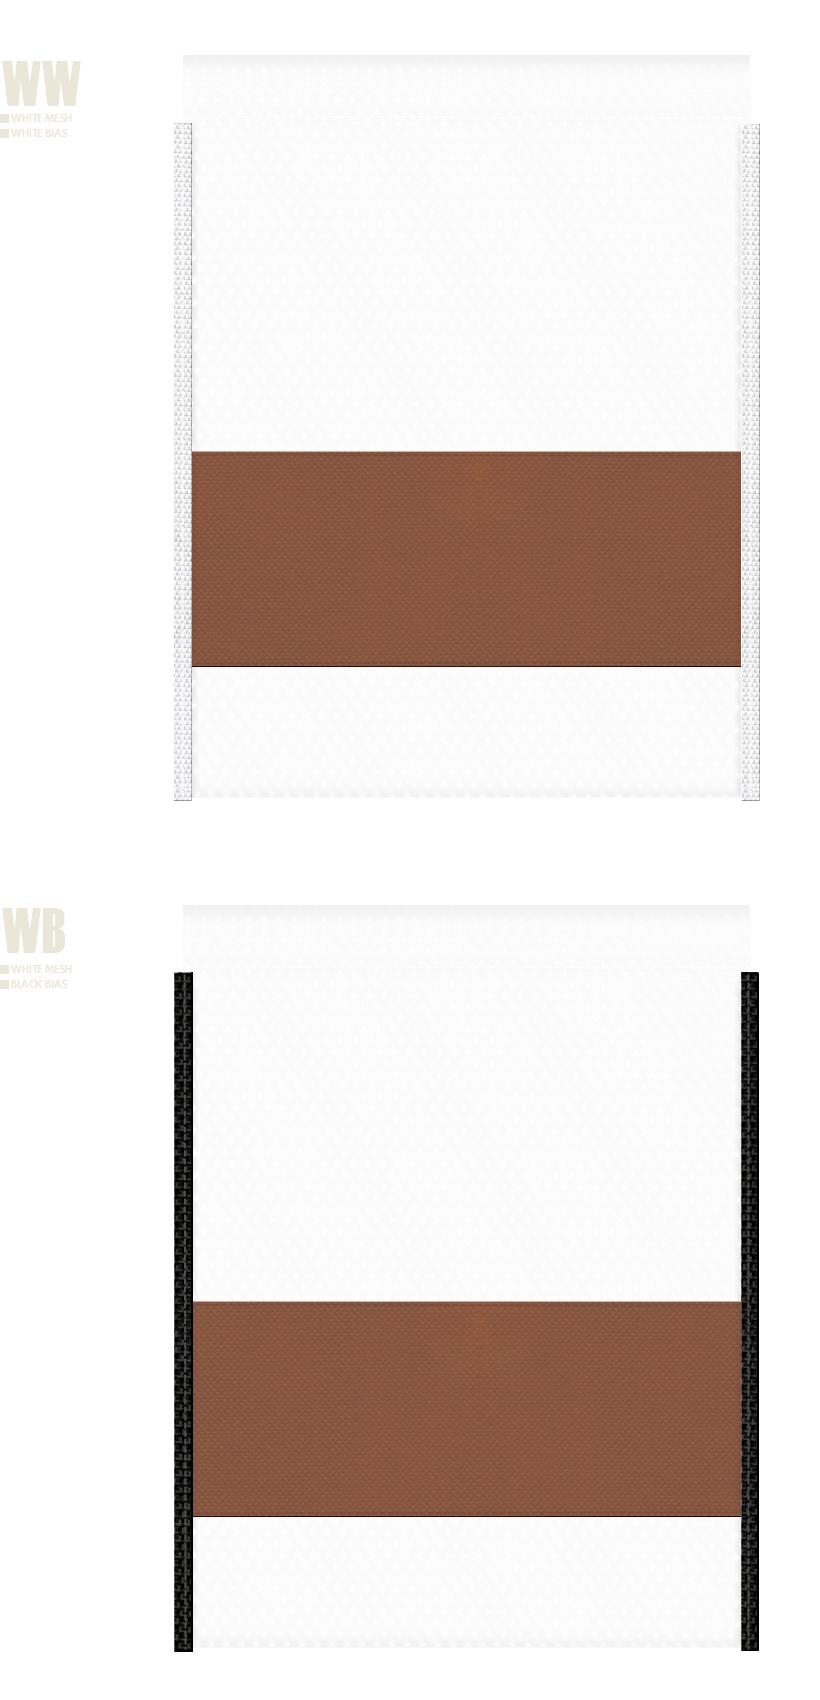 白色メッシュと茶色不織布のメッシュバッグカラーシミュレーション:日焼け止め・キャンプ用品・アウトドア用品のショッピングバッグにお奨め